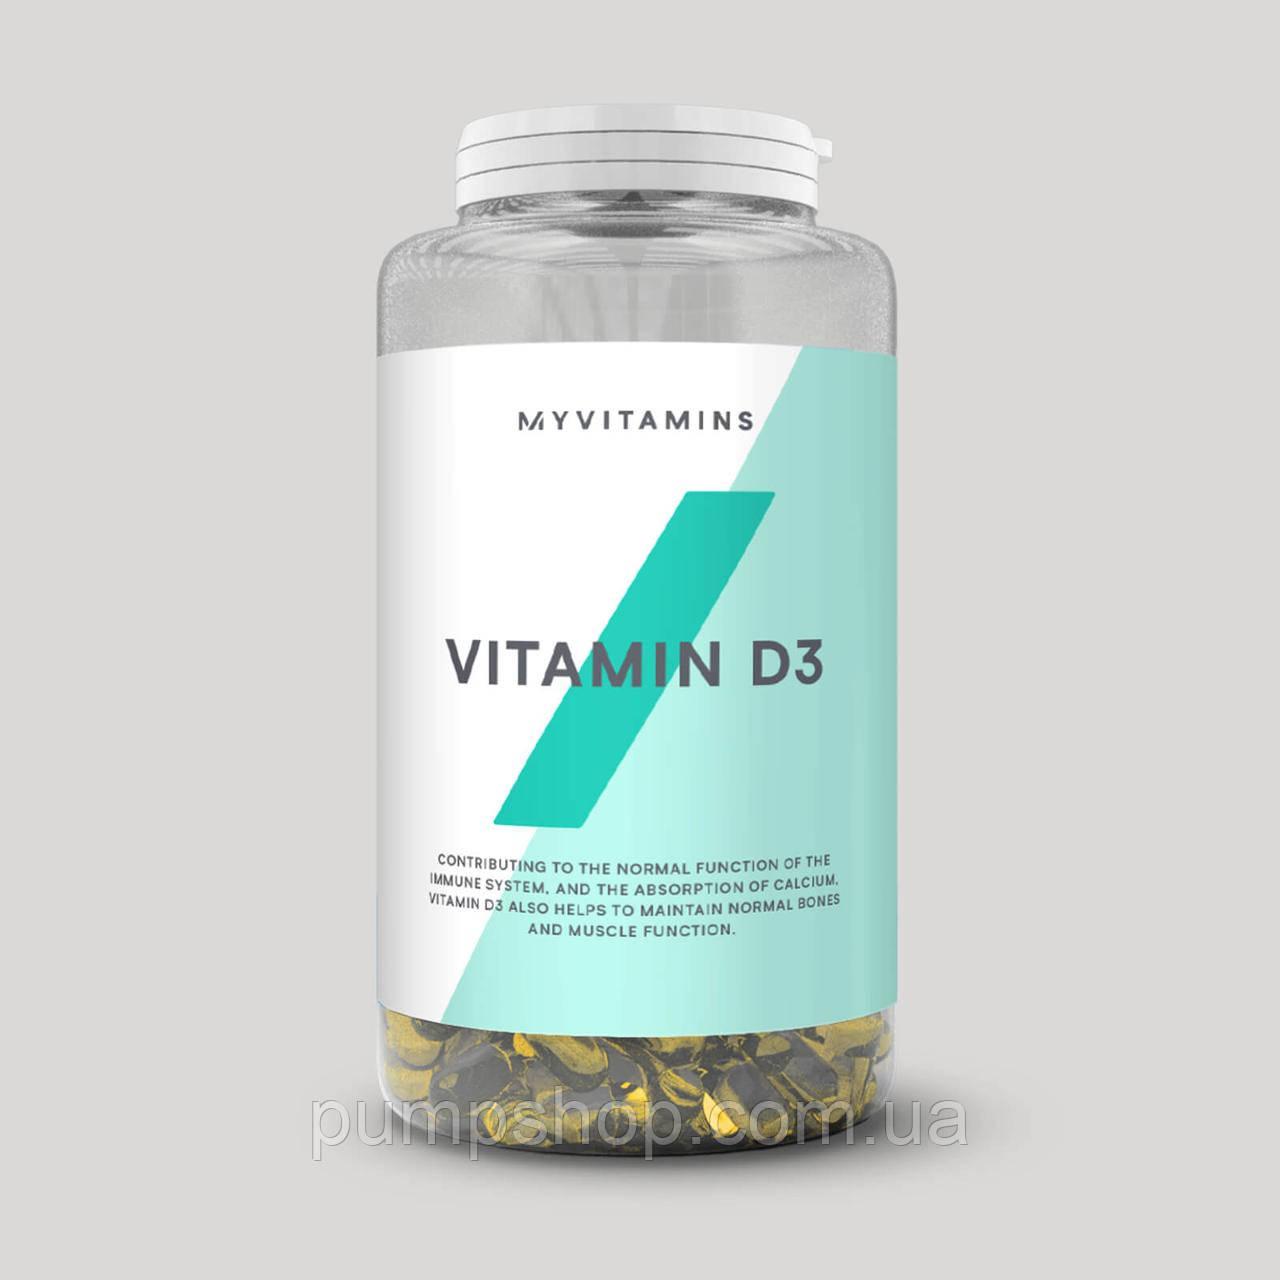 Вітамін D3 Myprotein Vitamin D3 2500ME 180 таб.